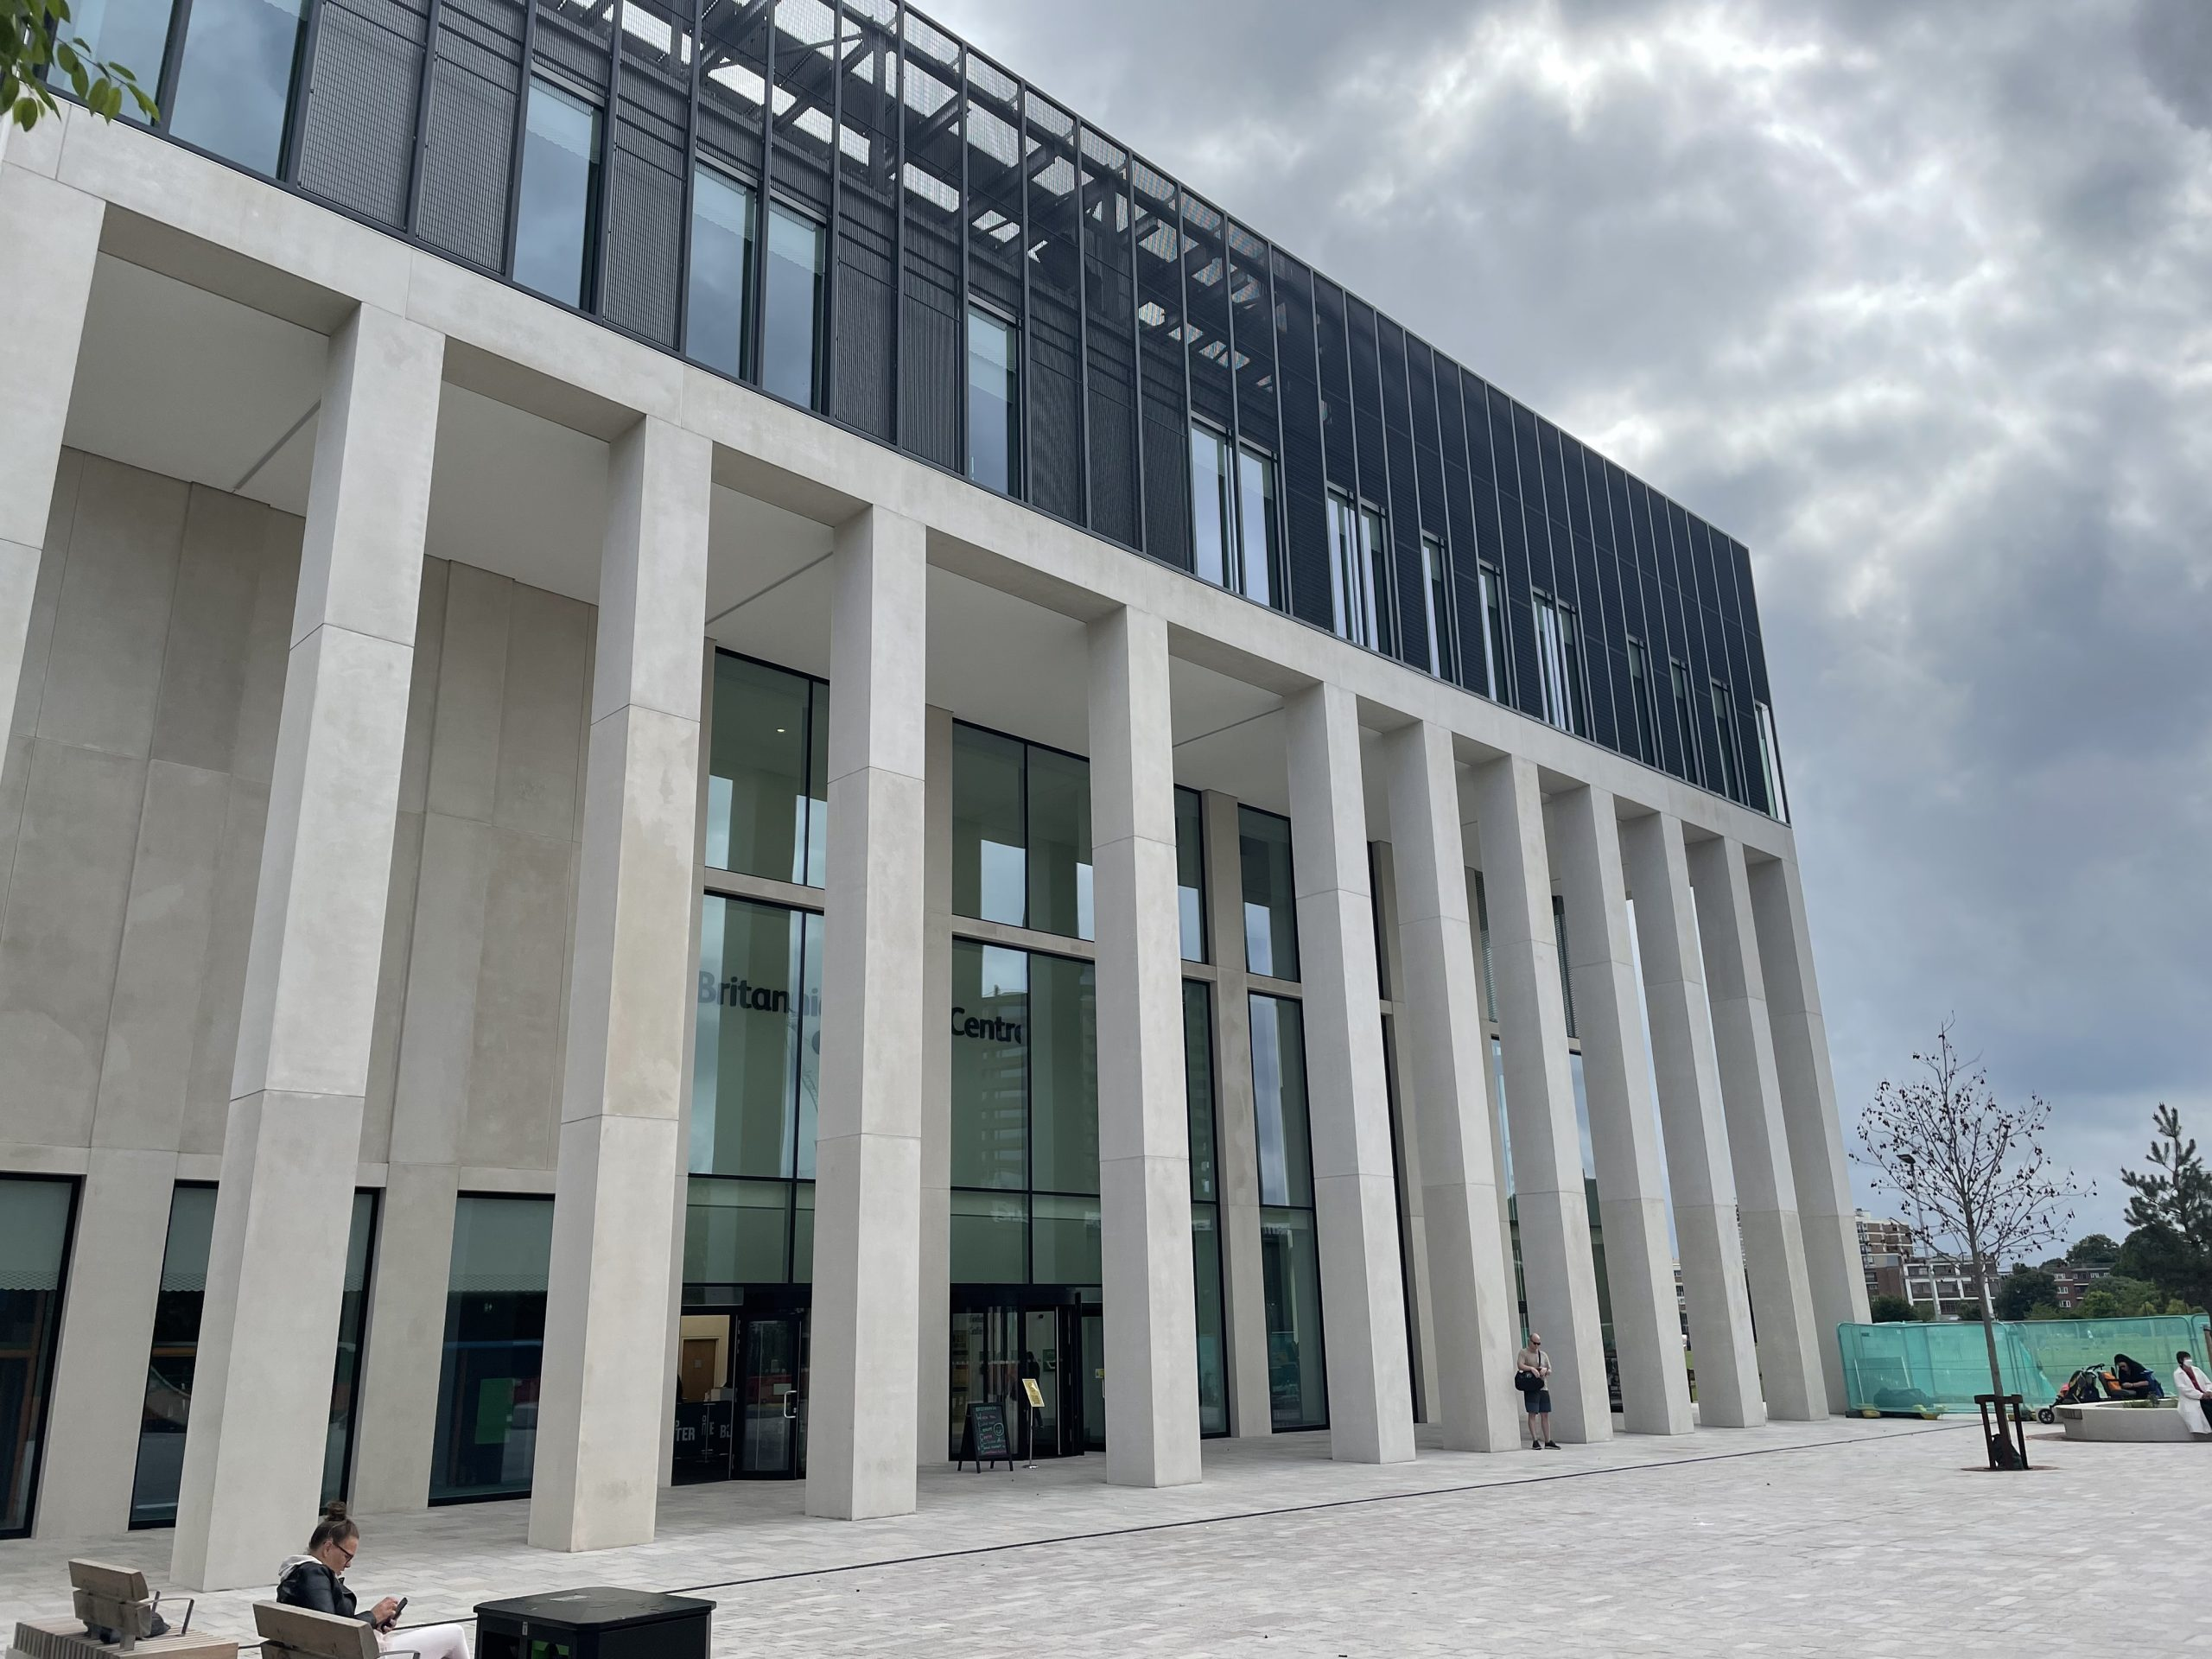 The new Britannia Leisure Centre